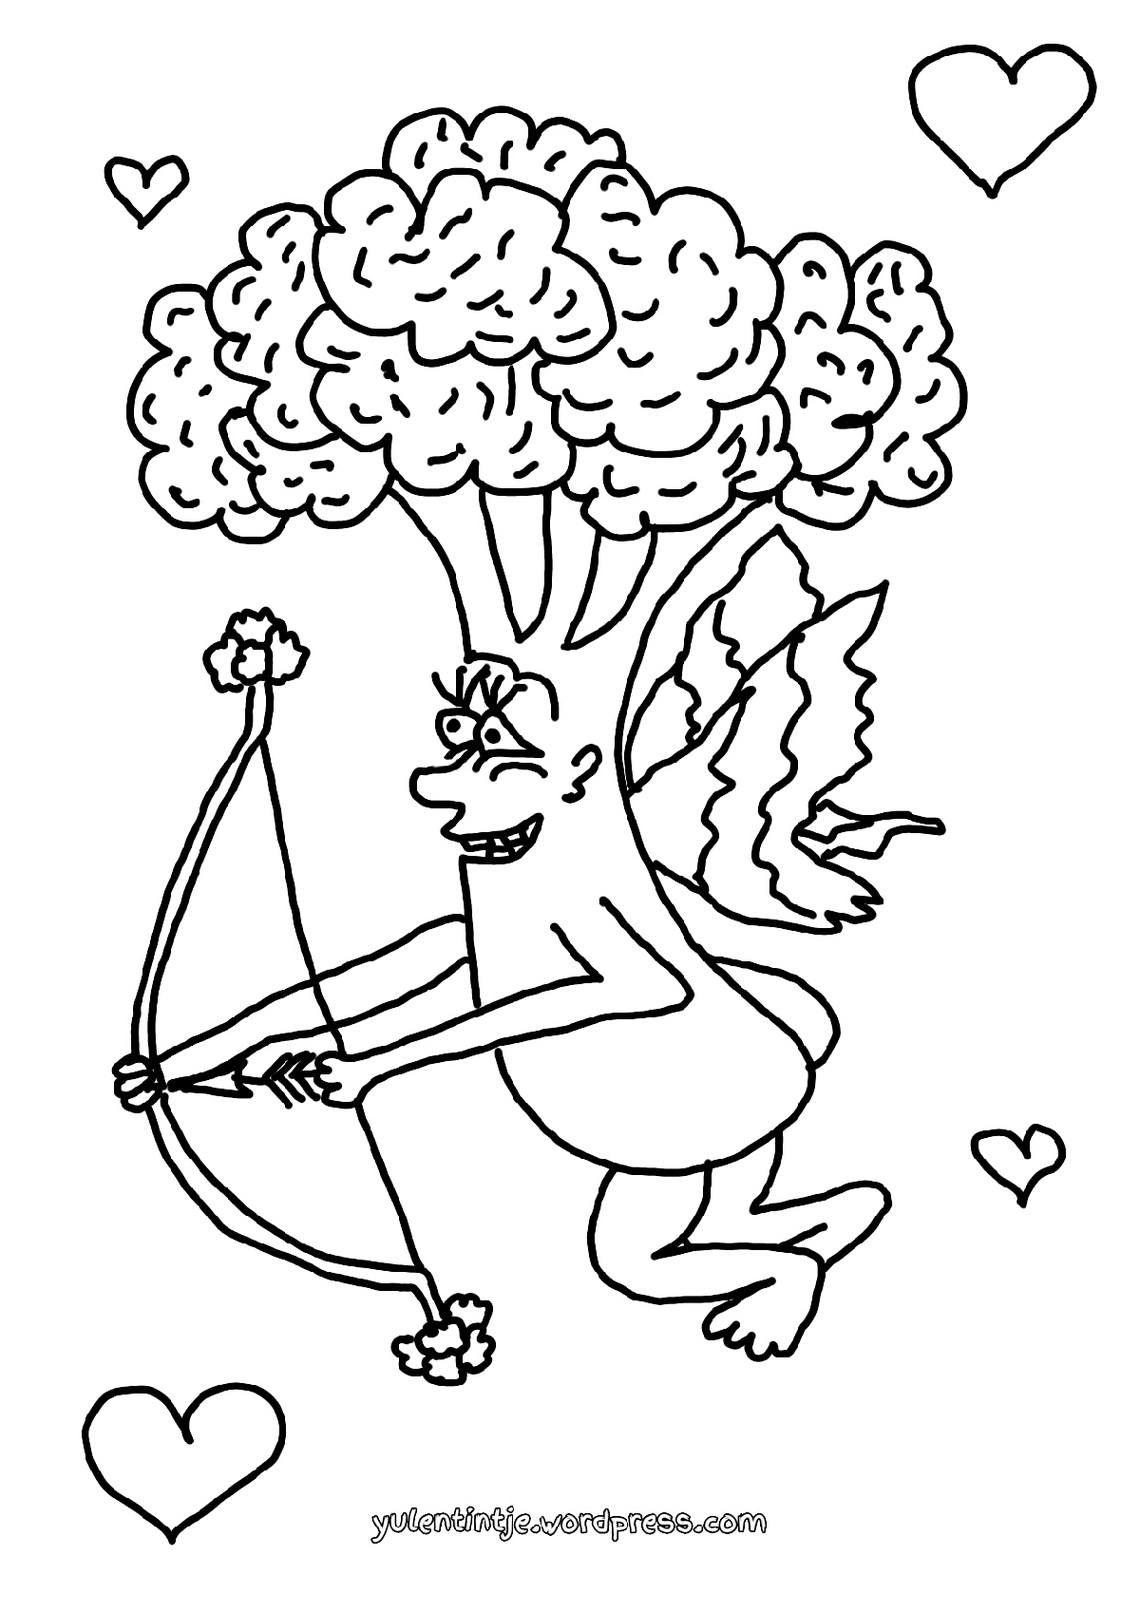 broccoli cupido illustratie kleurplaat om in te kleuren